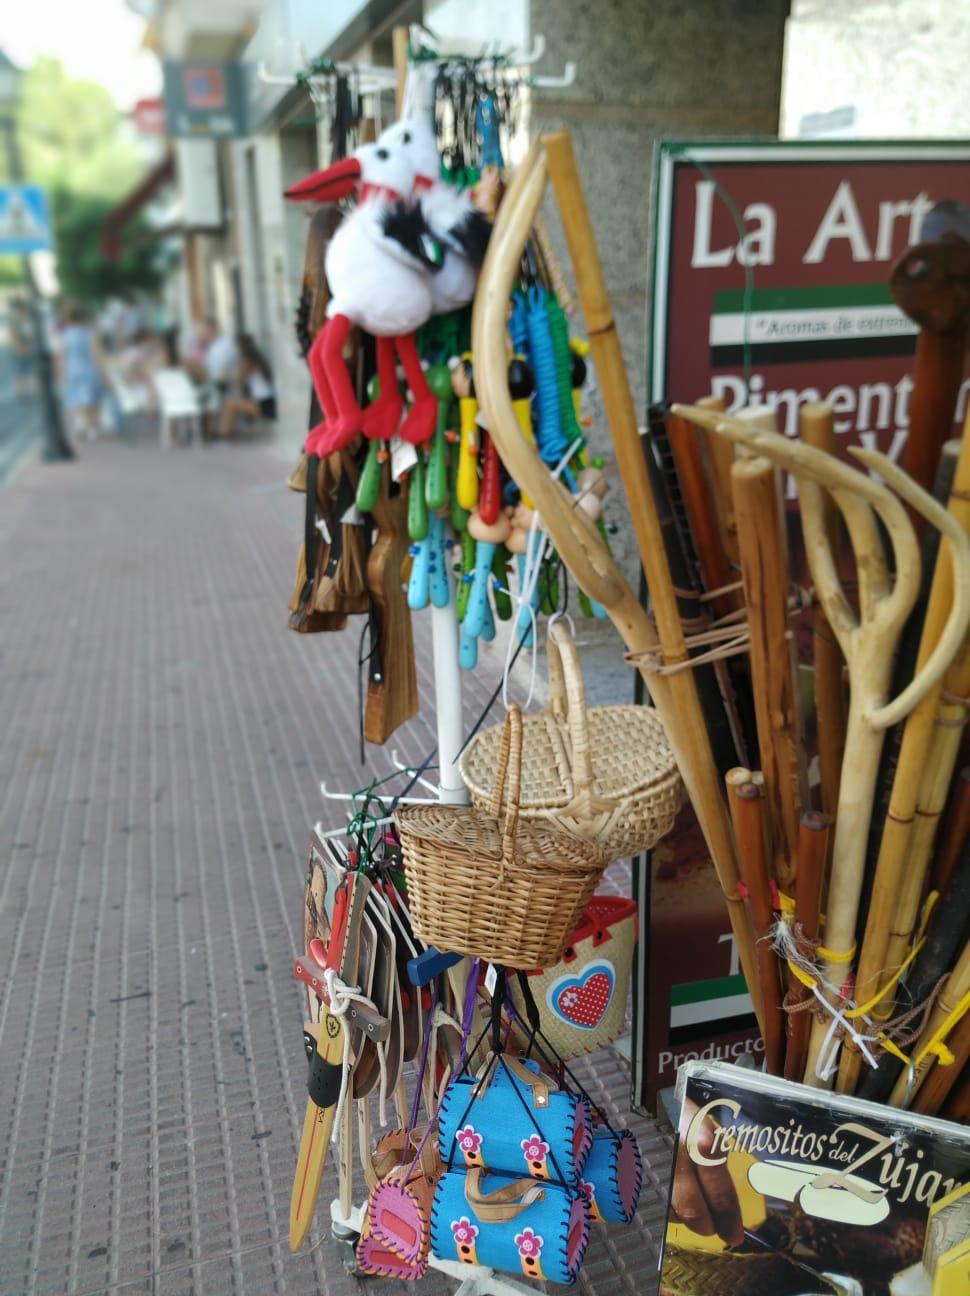 Antiguedades en la vera La Artesa Gourmet Jarandilla